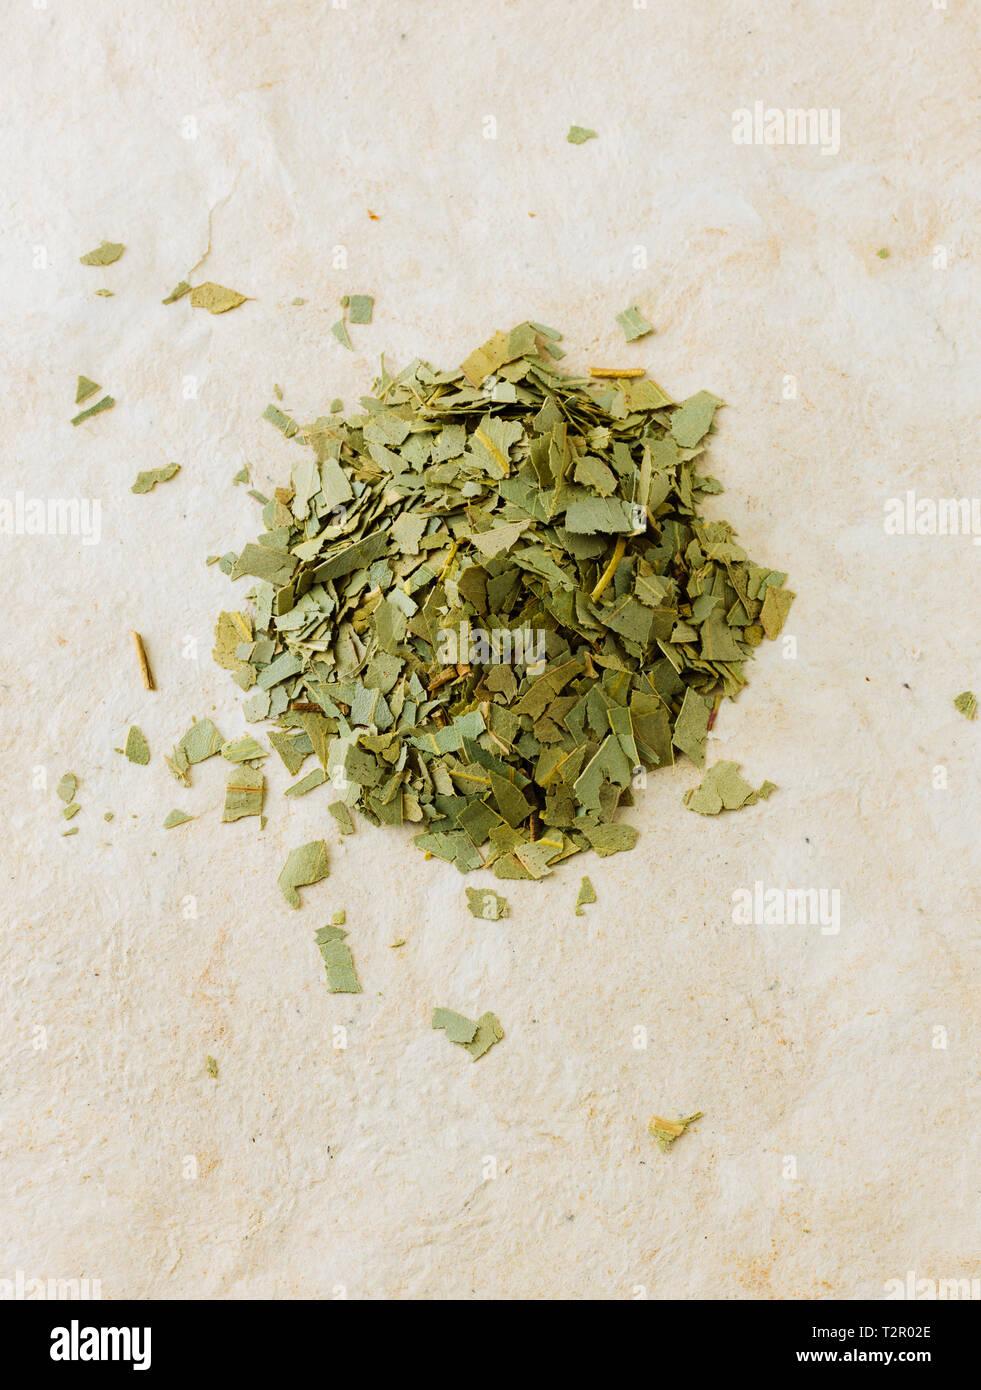 Pile of dried eucalyptus leaves ( Eucalyptus globulus ) isolated on paper background - Stock Image